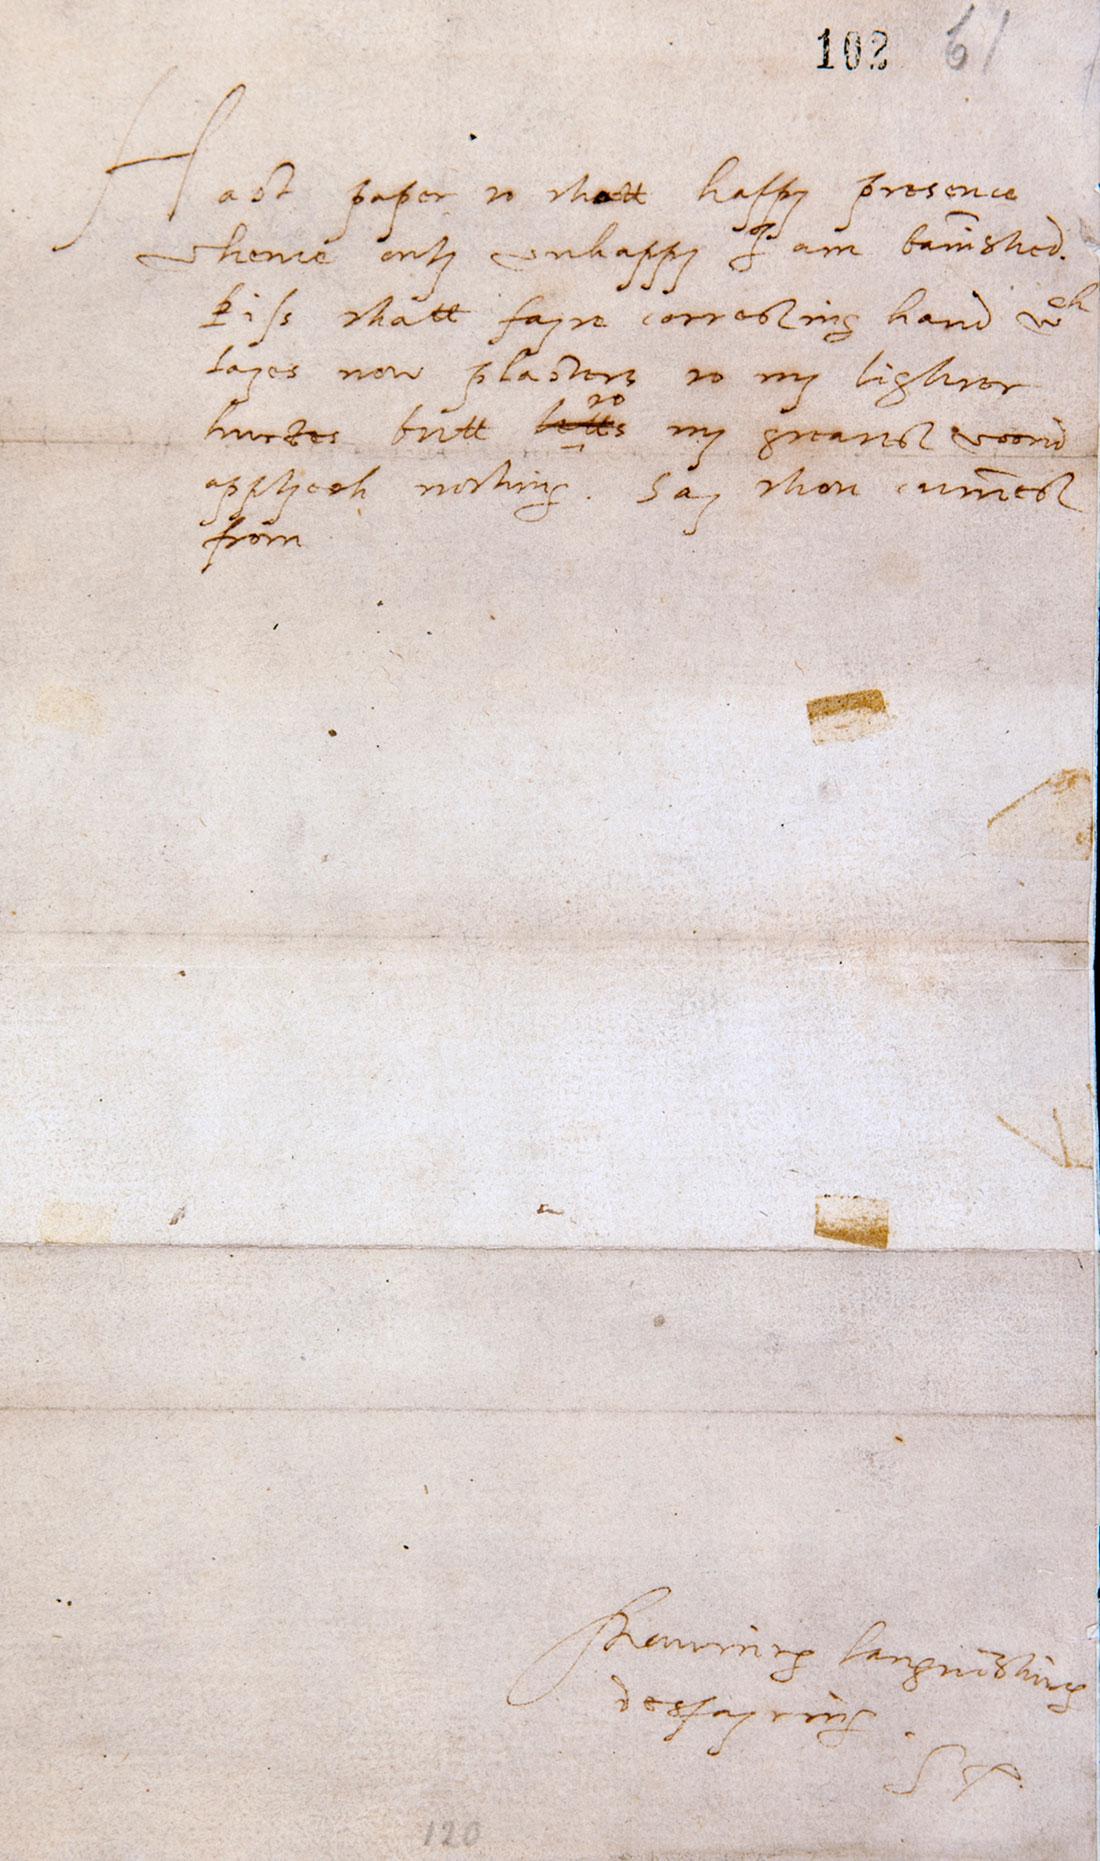 Robert Devereux, Earl of Essex to Elizabeth I, 6 September 1600 (SP12/275 f.102)